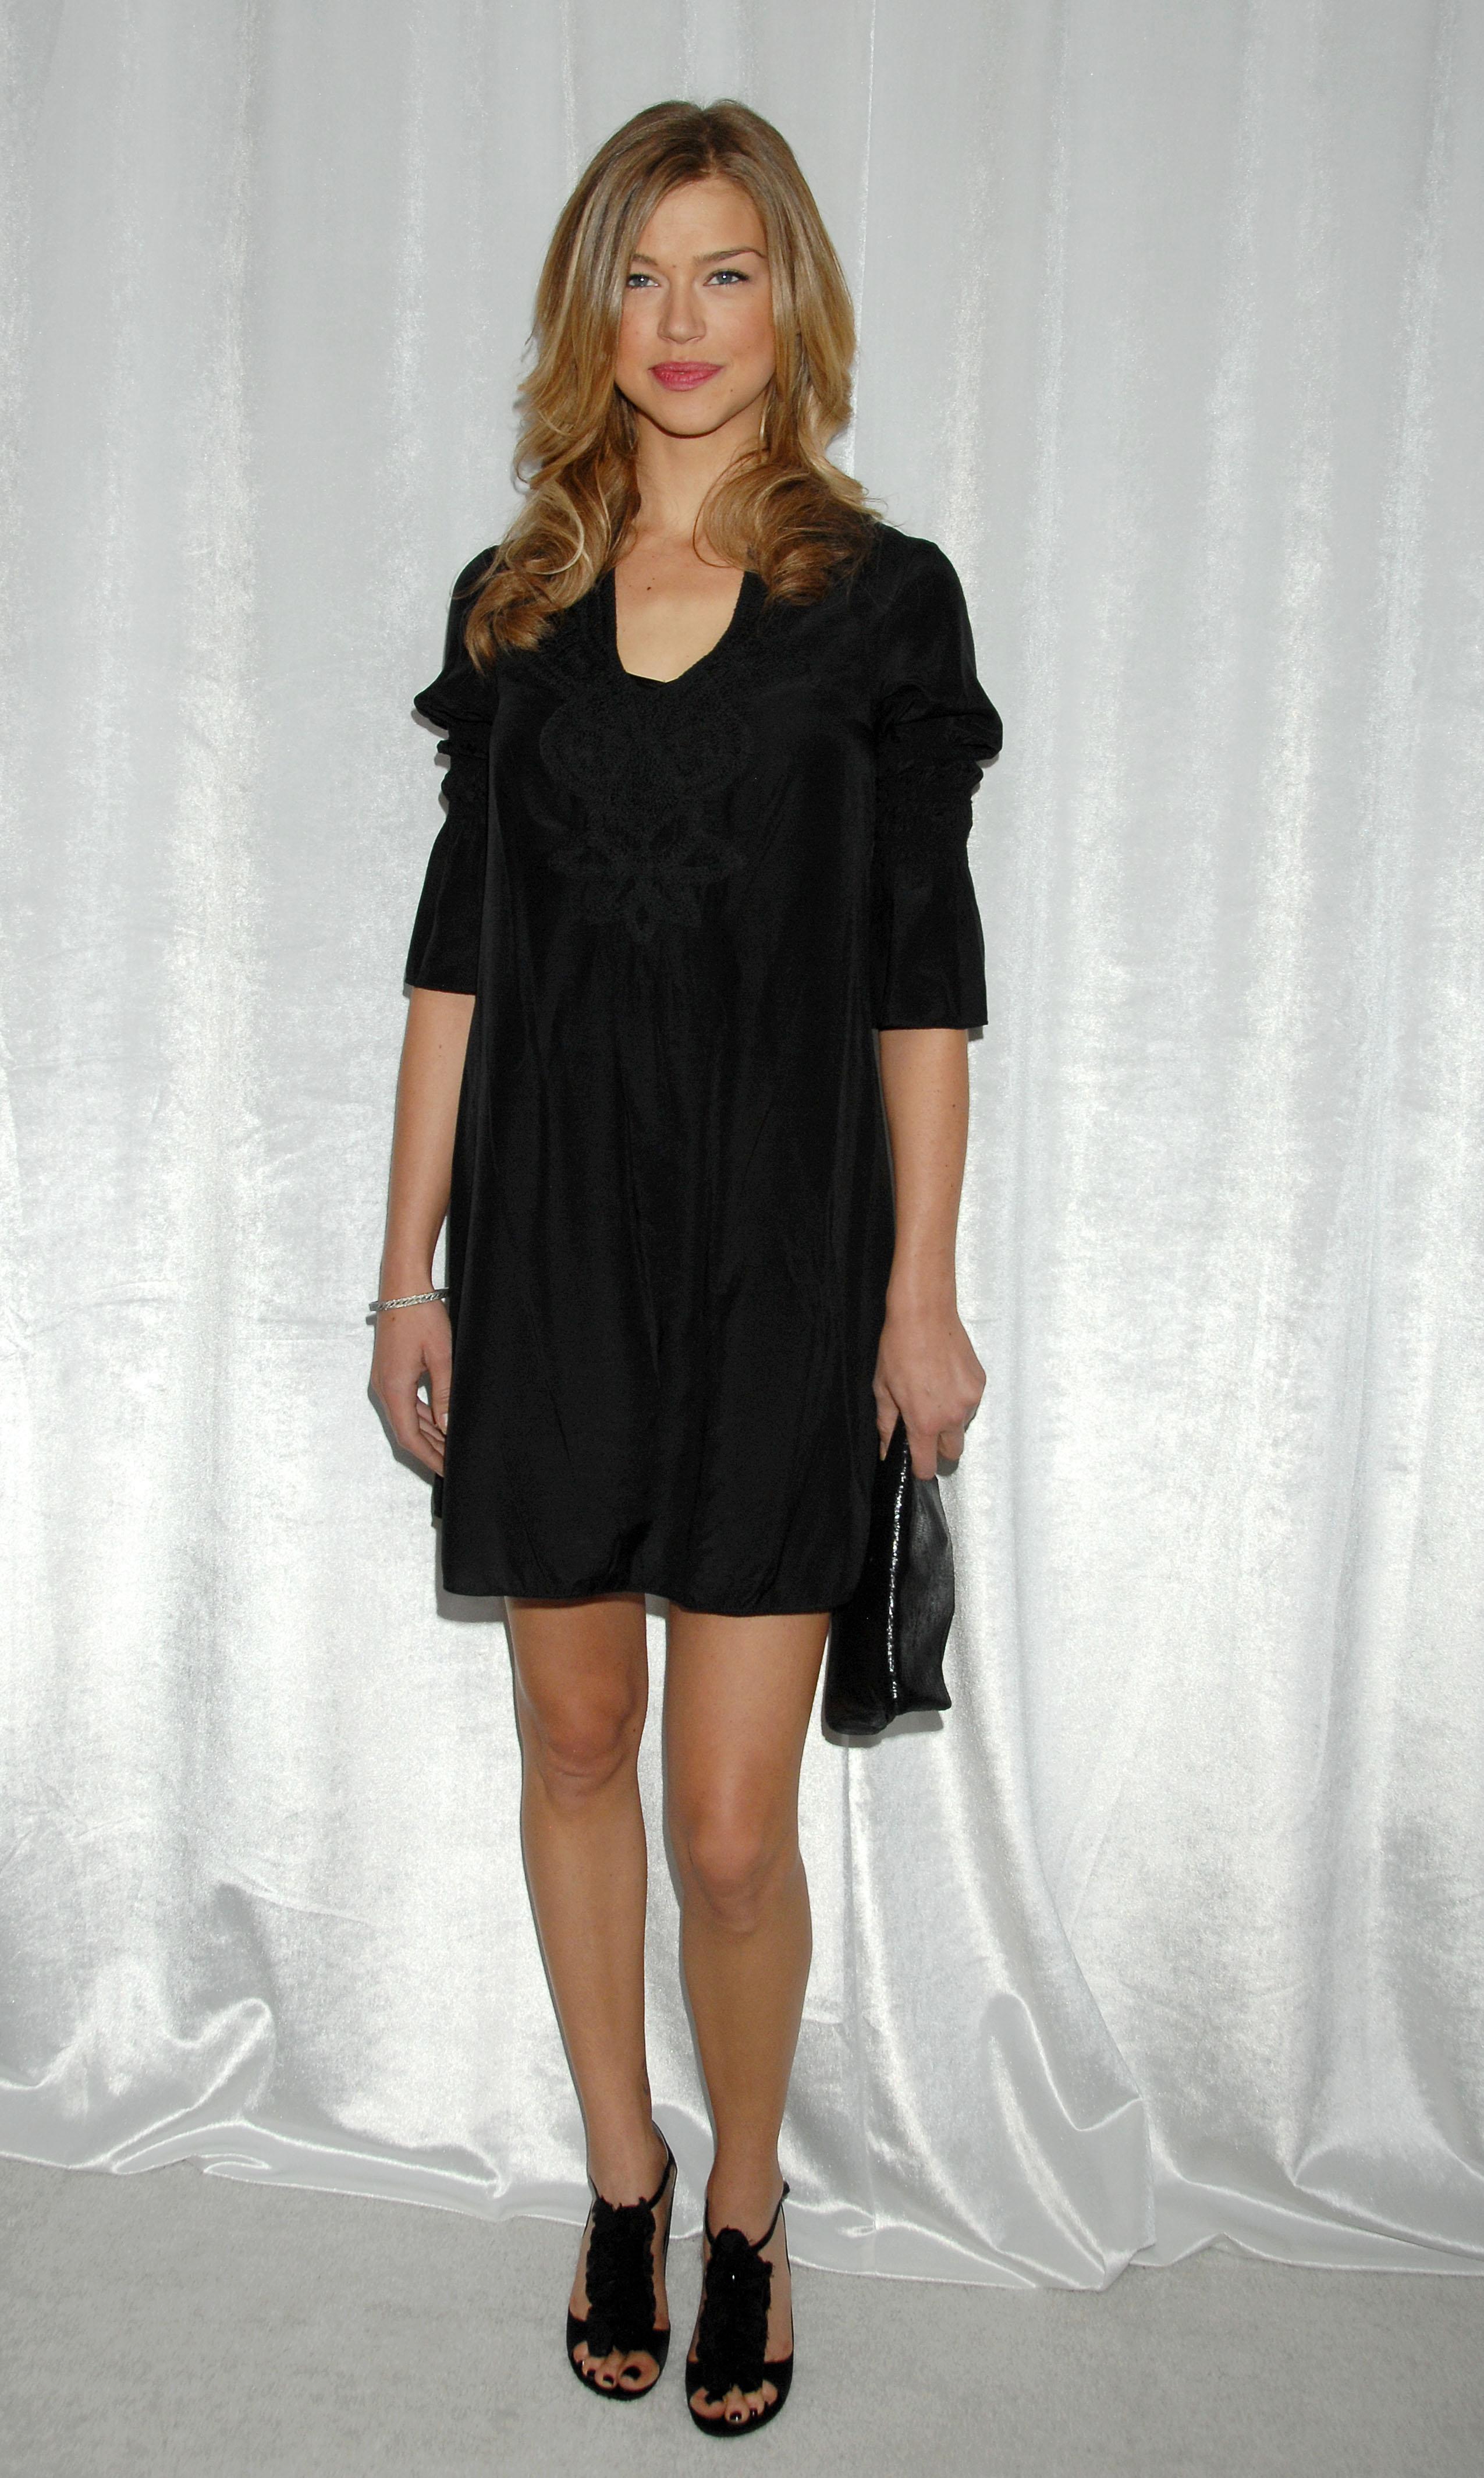 62915_Celebutopia-Adrianne_Palicki-8th_Annual_Awards_Season_Diamond_Fashion_Show_Preview-04_122_881lo.jpg